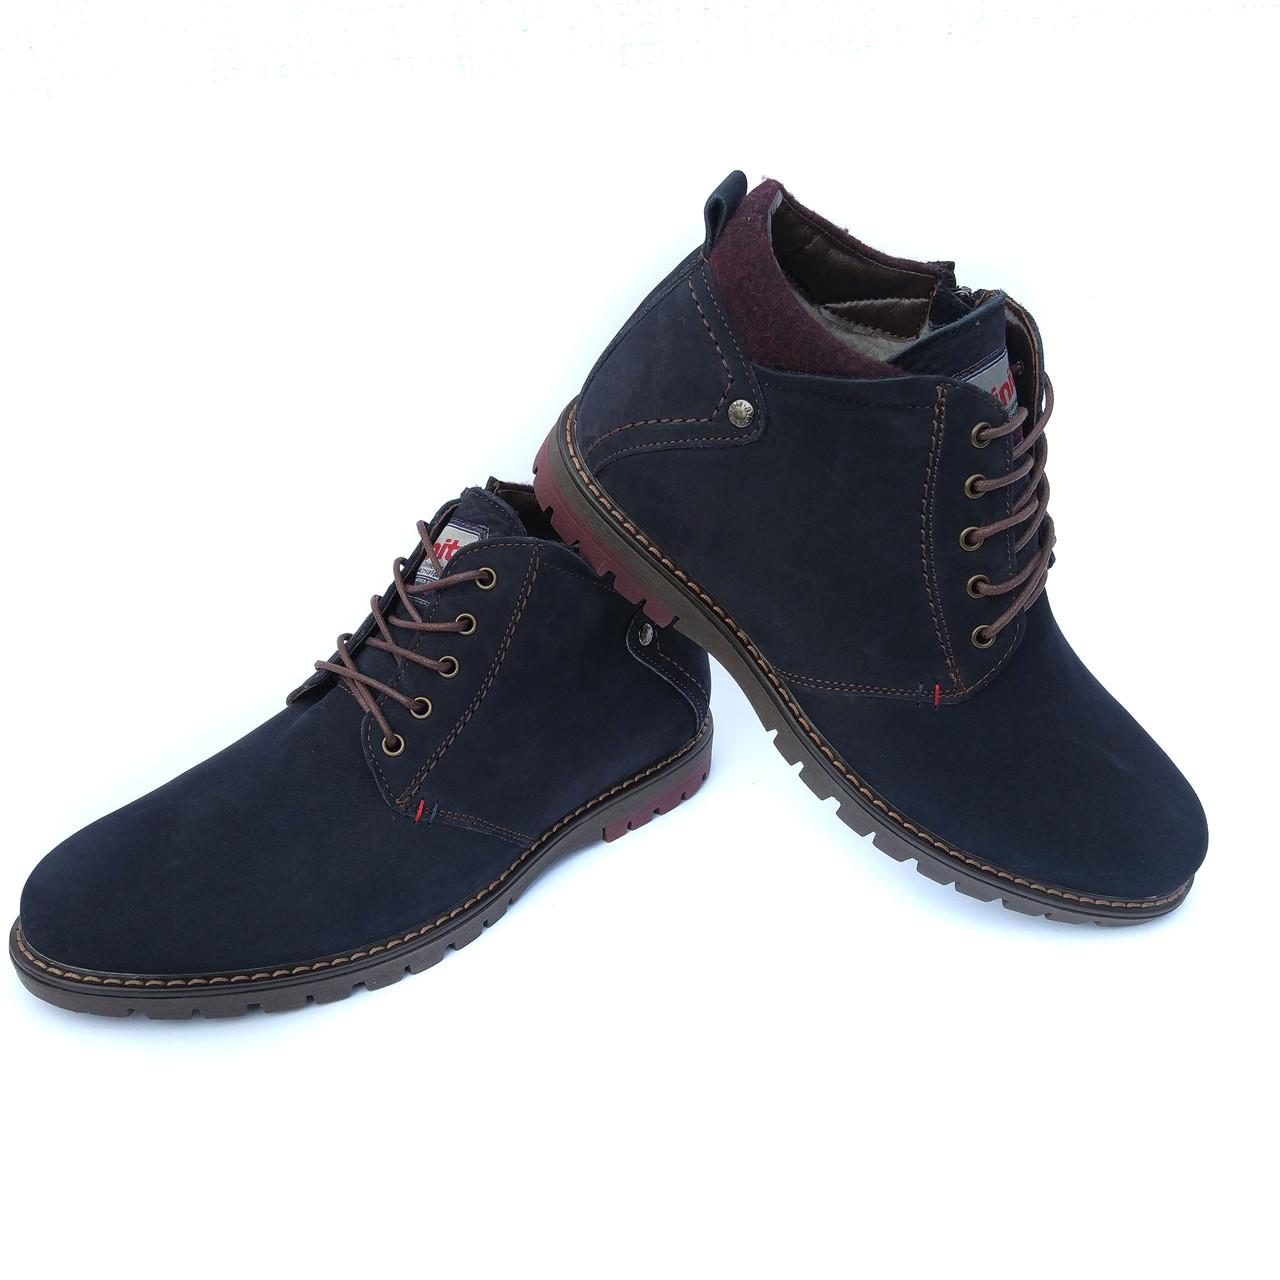 14d167e5b Молодежные мужские синие ботинки Харьков: зимние, натуральная кожа-нубук,  на меху,